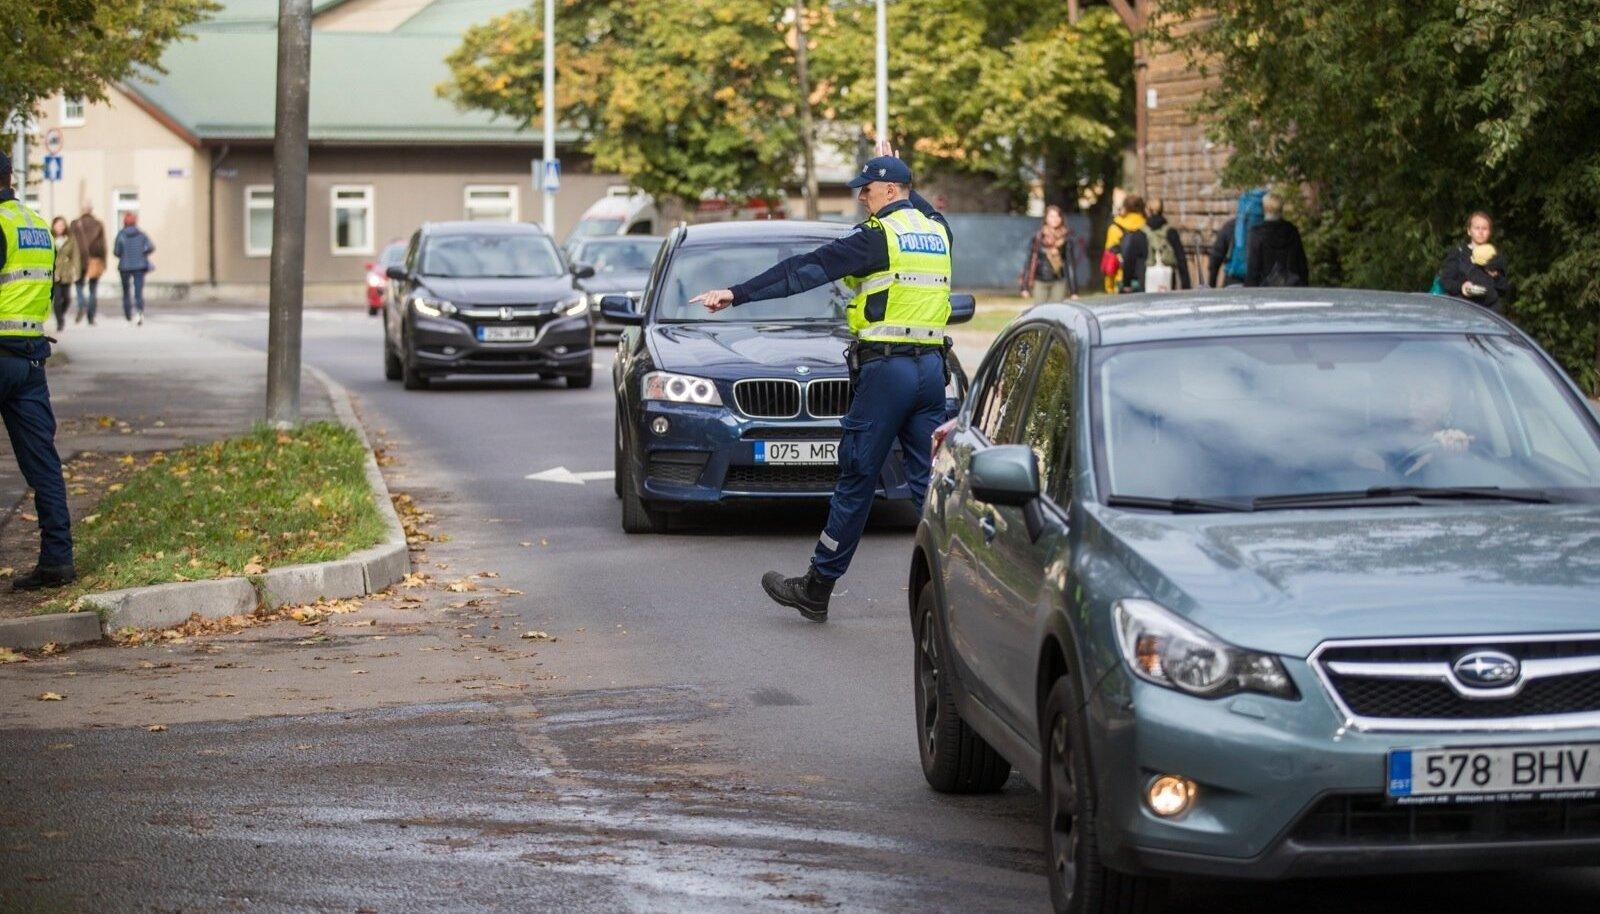 Fotokaamera ette jäänud autojuht suunati Suurtüki tänaval liiklusest eemale, et temaga edasi tegeleda ja liiklusvoogu mitte häirida.